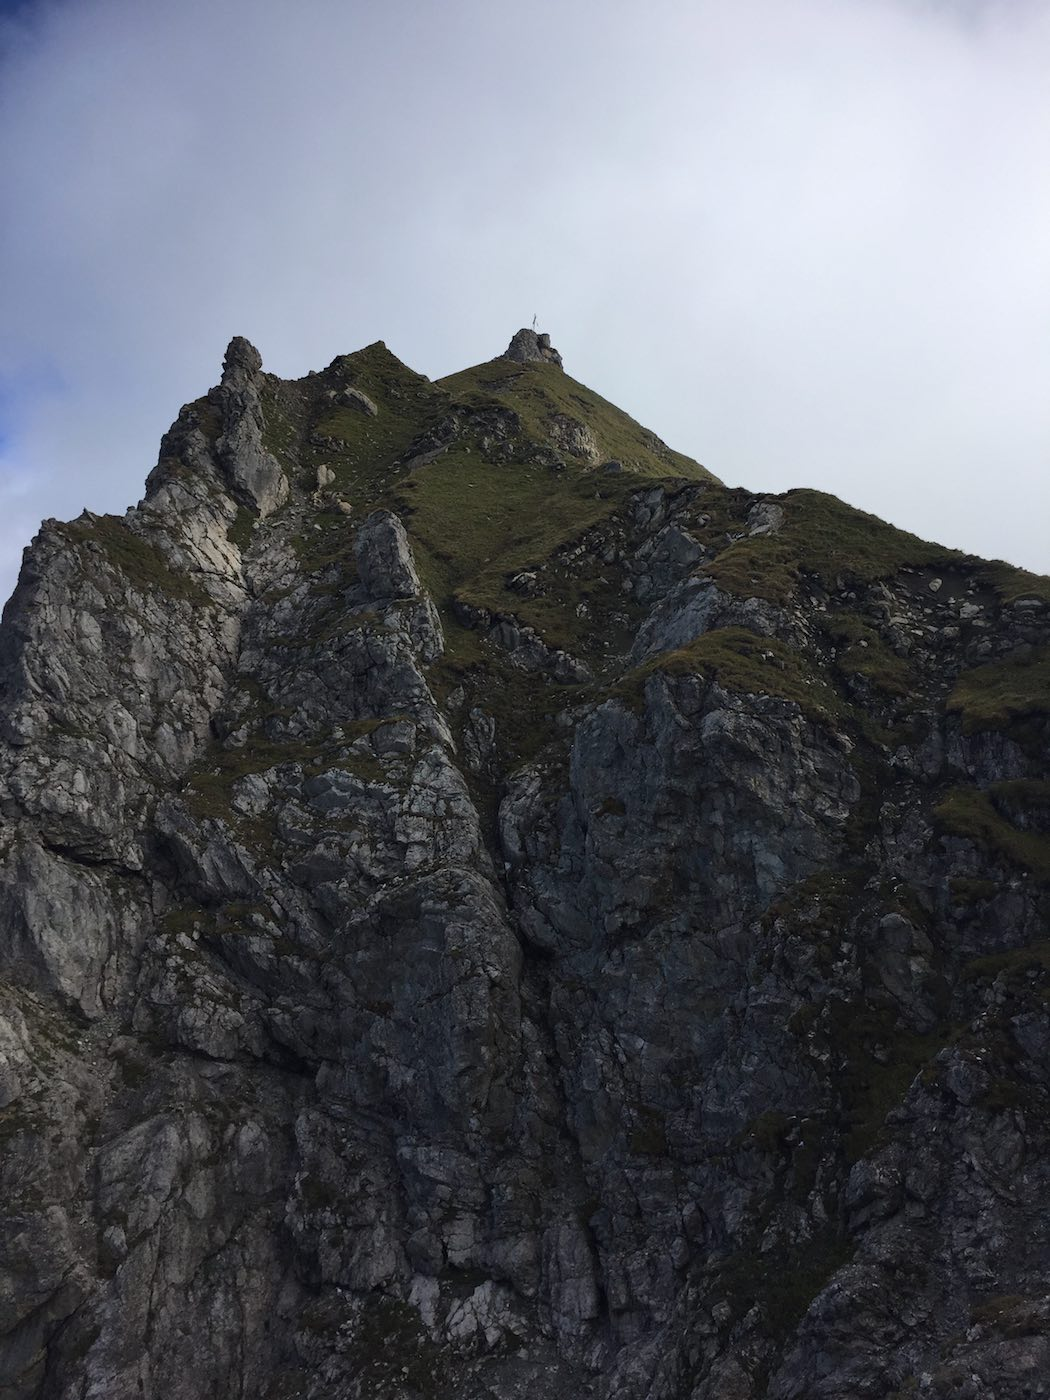 Blick vom Aufstieg zur Scharte Richtung Kempterle